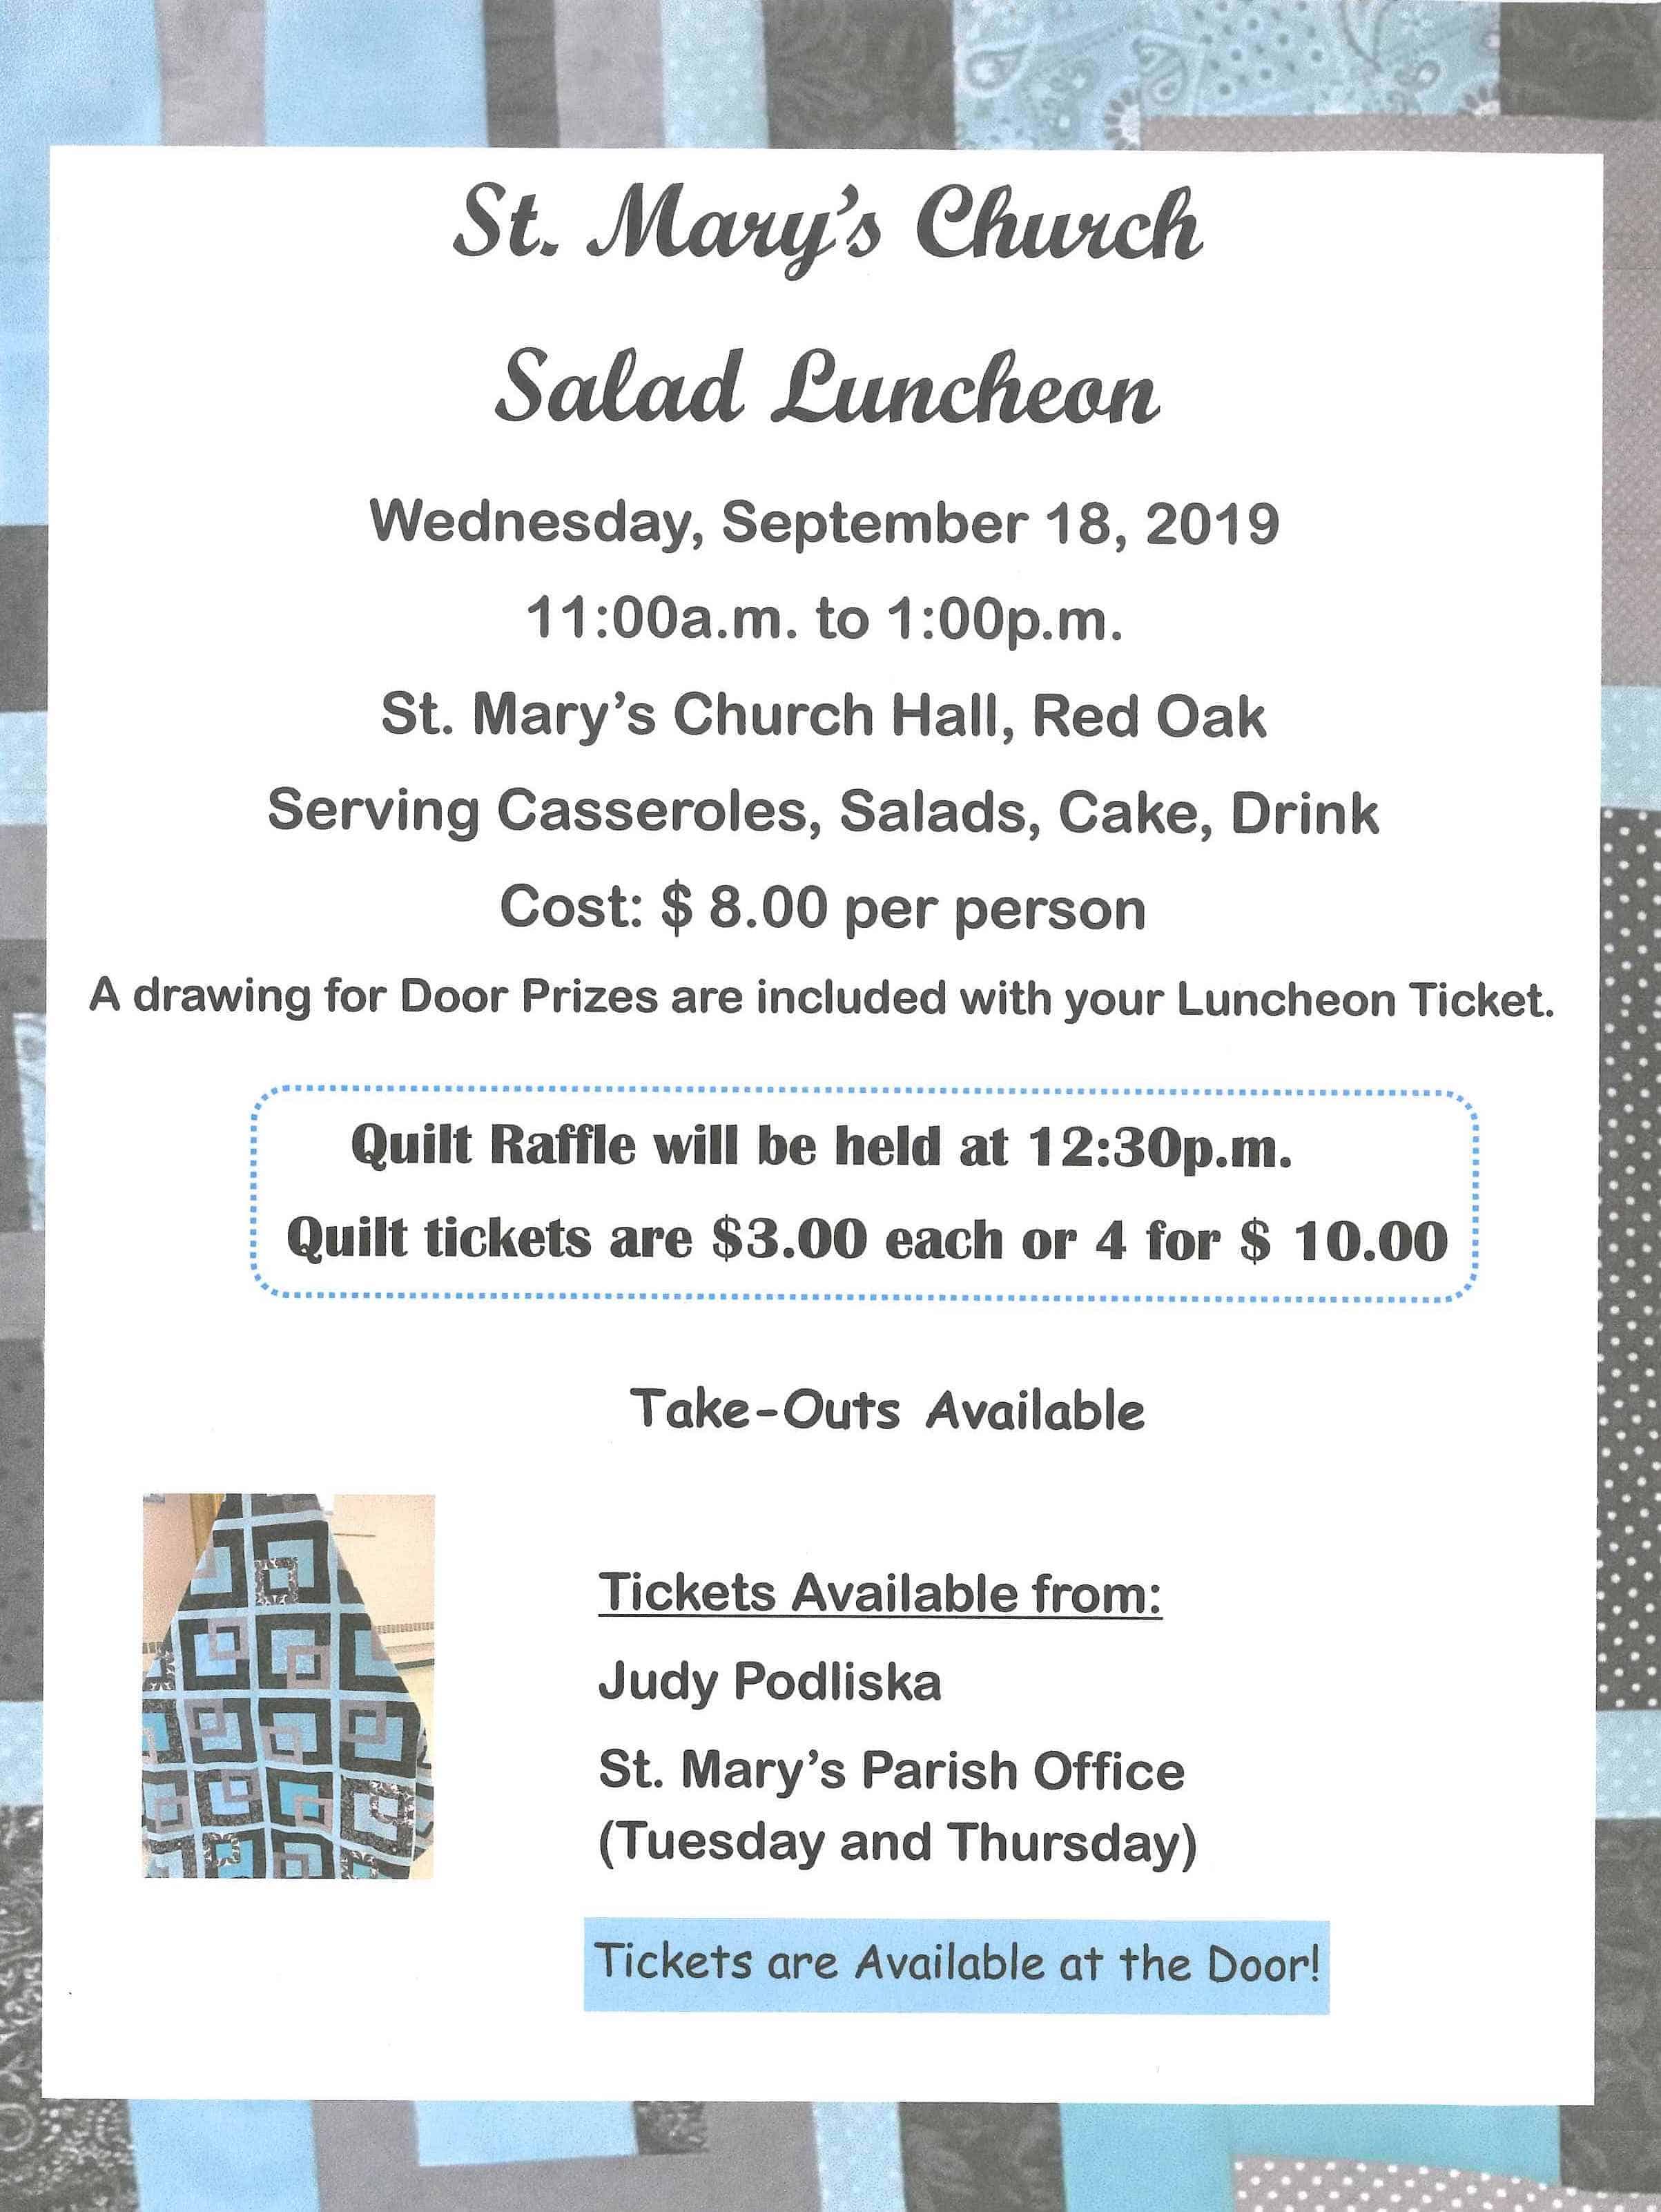 St Mary's Church Salad Luncheon